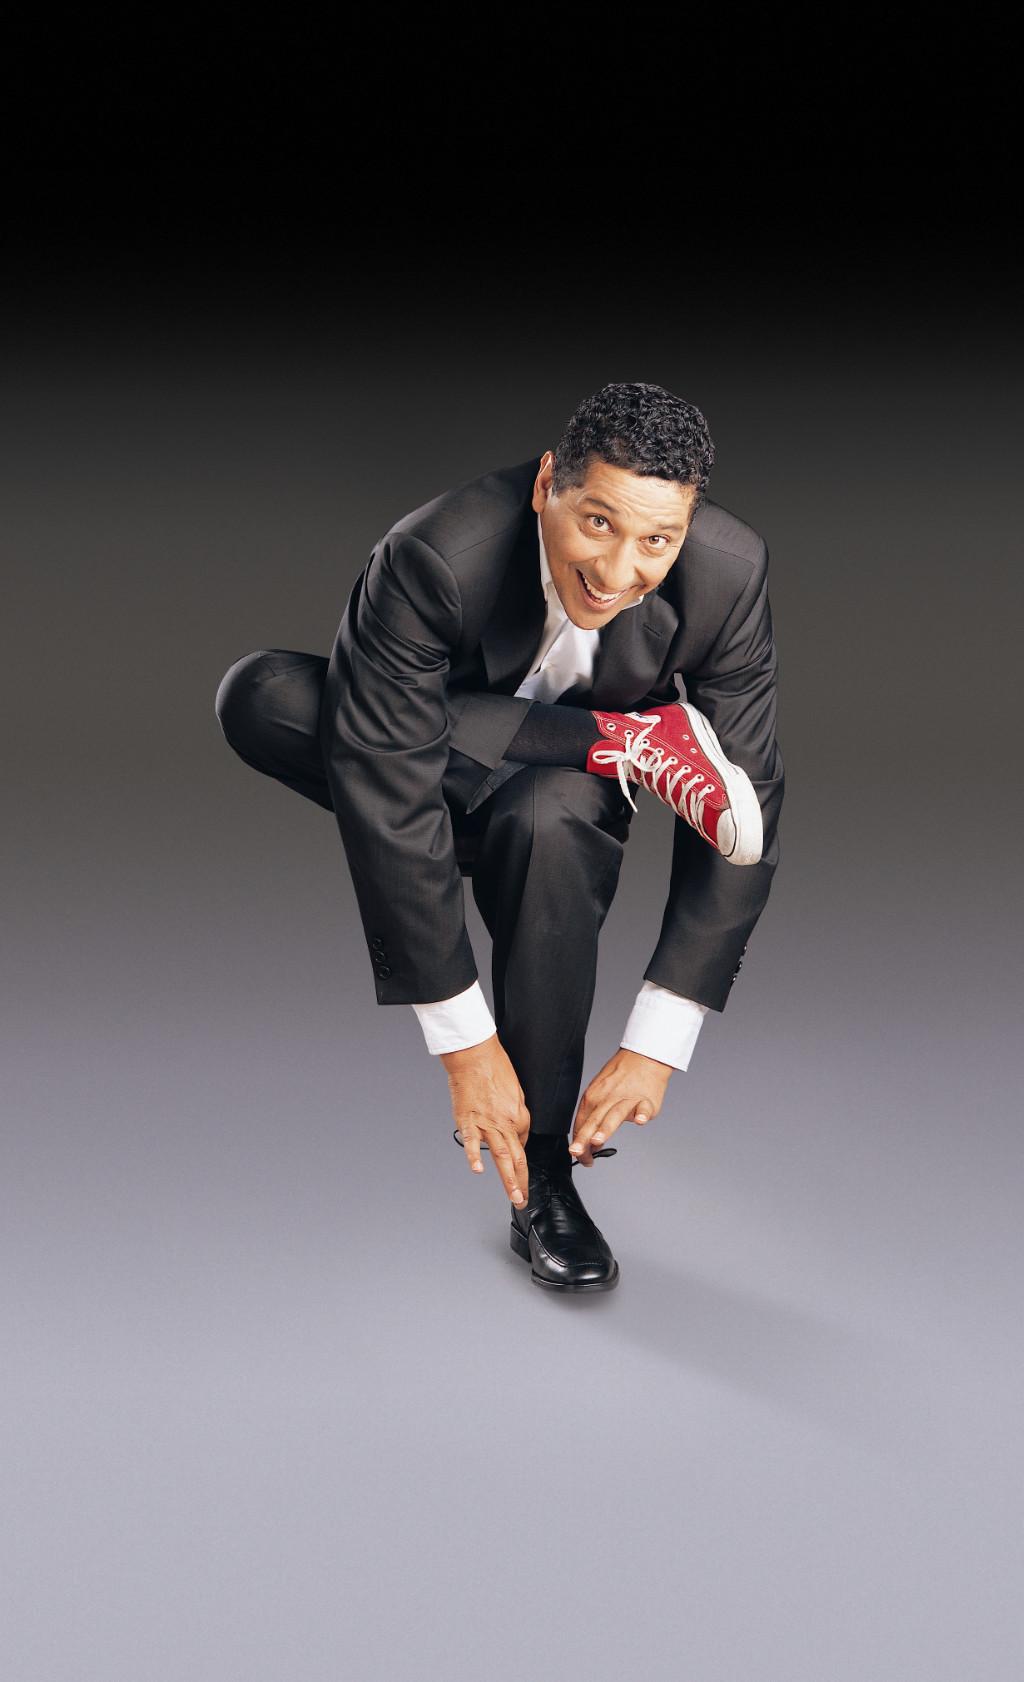 """L'humoriste, qui a débuté sa carrière il y a plus de 35 ans, jouera deux représentations de son """"Meilleur  show men"""" à Tahiti."""